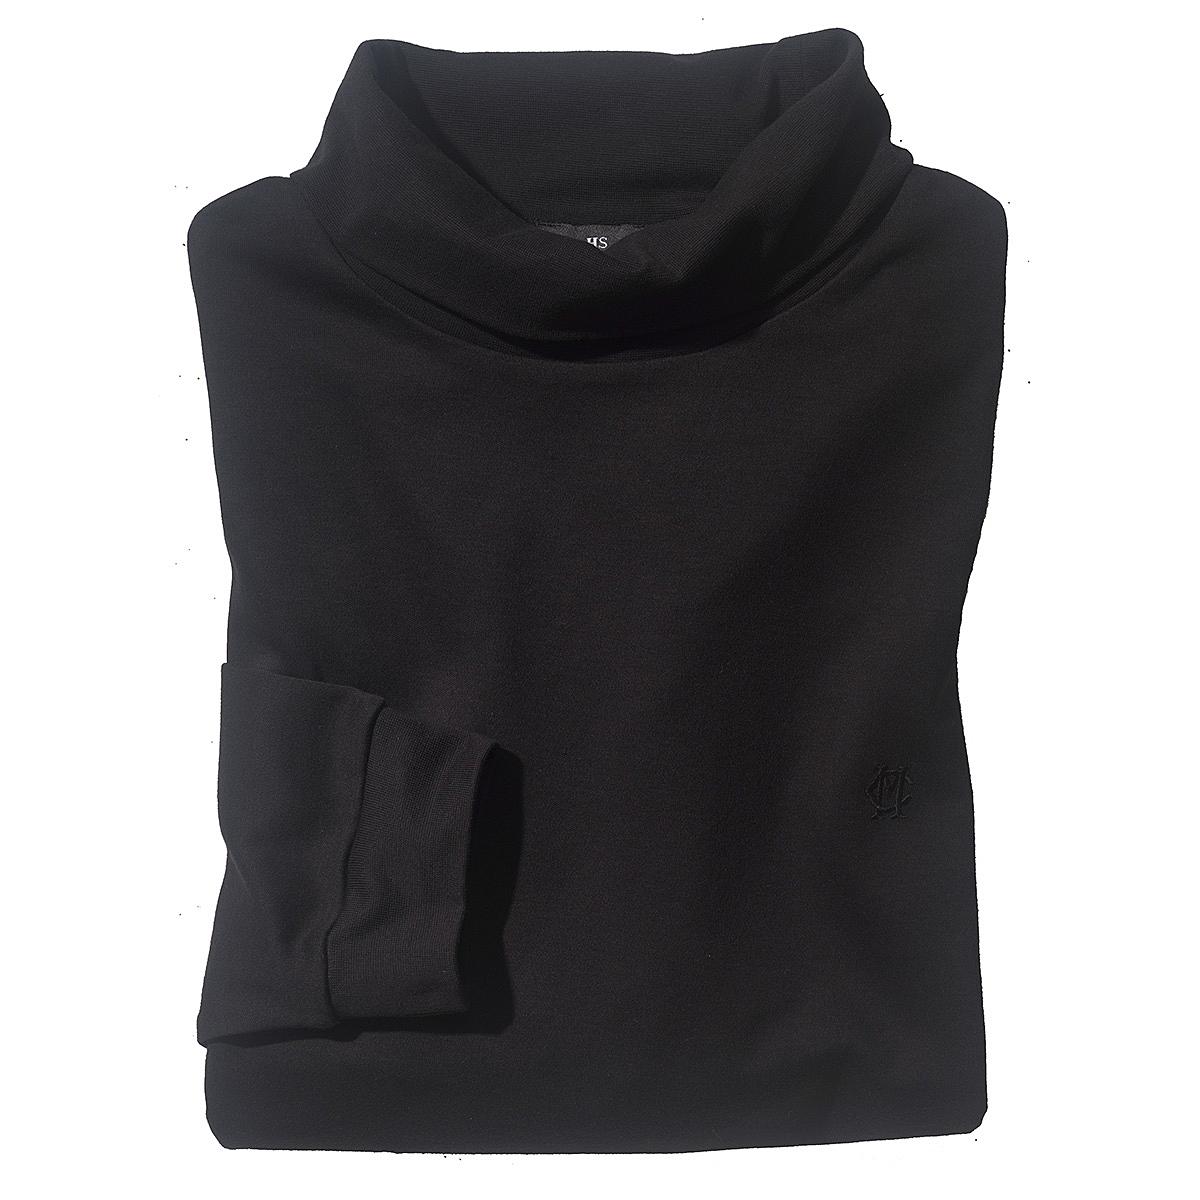 rollkragen pima baumwolle farbe schwarz gr enspezialist m nnermode. Black Bedroom Furniture Sets. Home Design Ideas